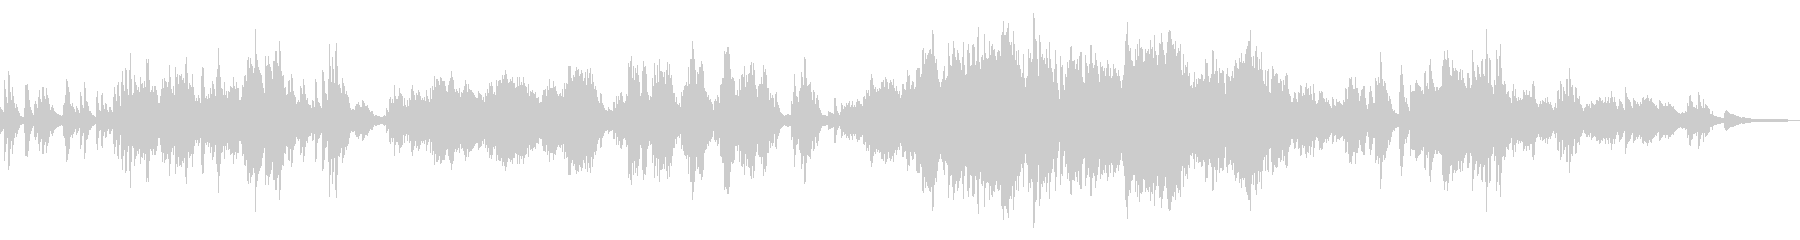 センチメンタル/冷たい和風ピアノソロ26の未再生の波形